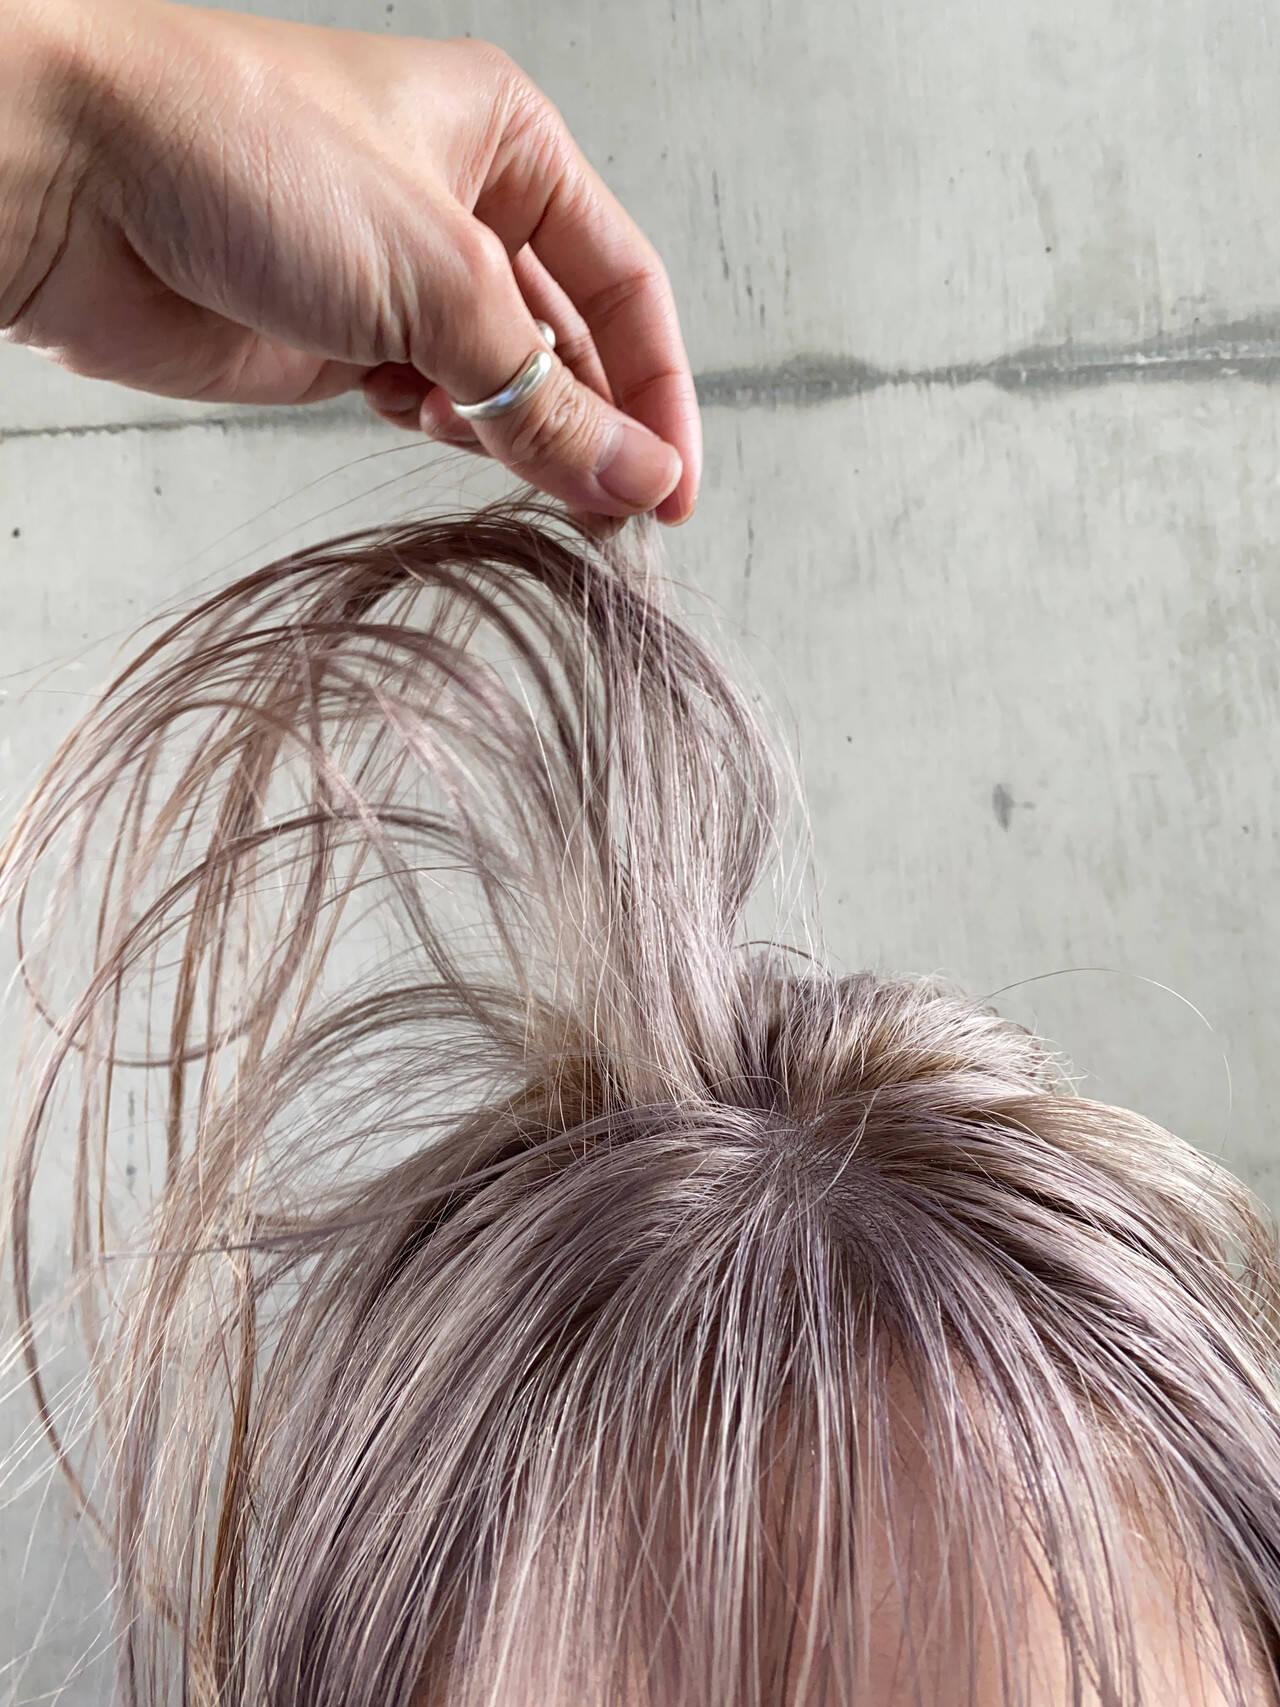 ナチュラル 艶カラー ミルクティー ボブヘアスタイルや髪型の写真・画像